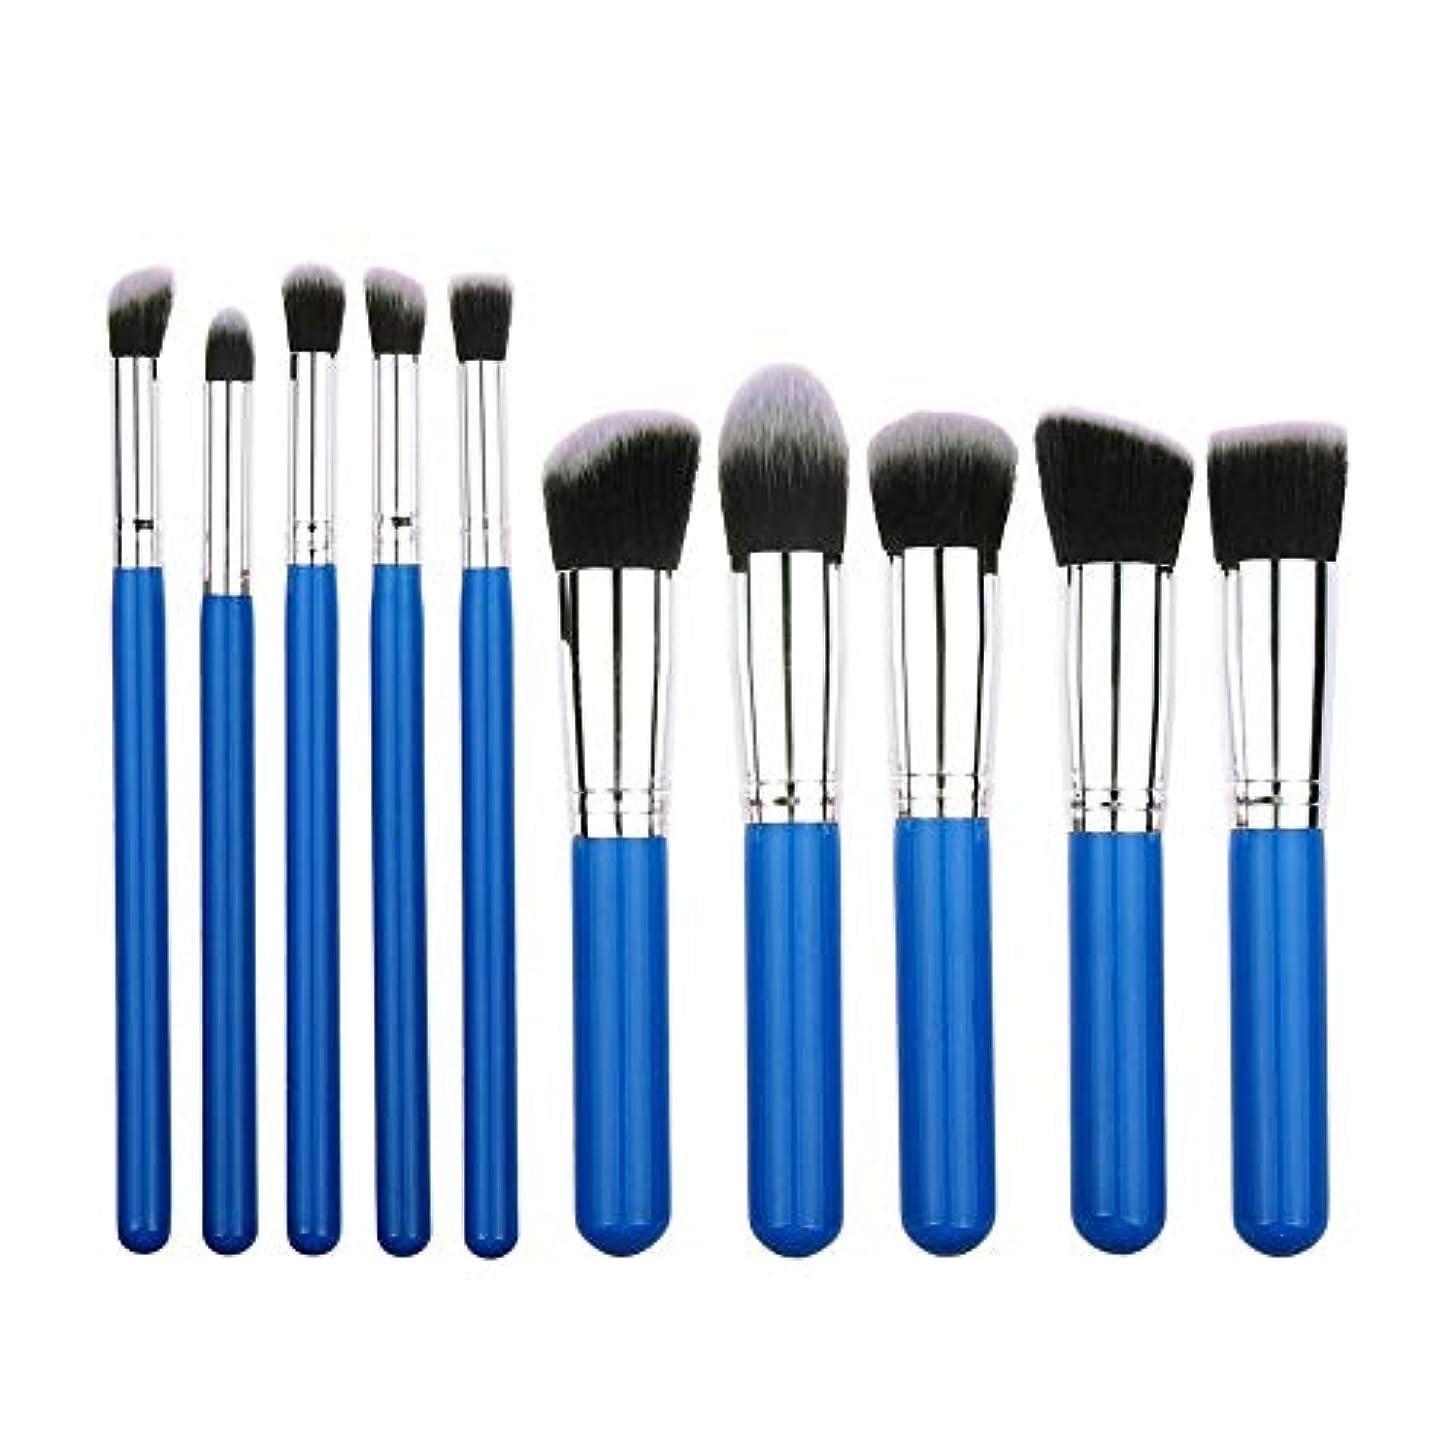 好きである同時ポルトガル語化粧品 メイクブラシセット 化粧品 10本セット 化粧ブラシセット プロ メイクブラシ 人気化粧筆 超柔らかい フェイシャルメイクアップ 化粧品 美容ツール